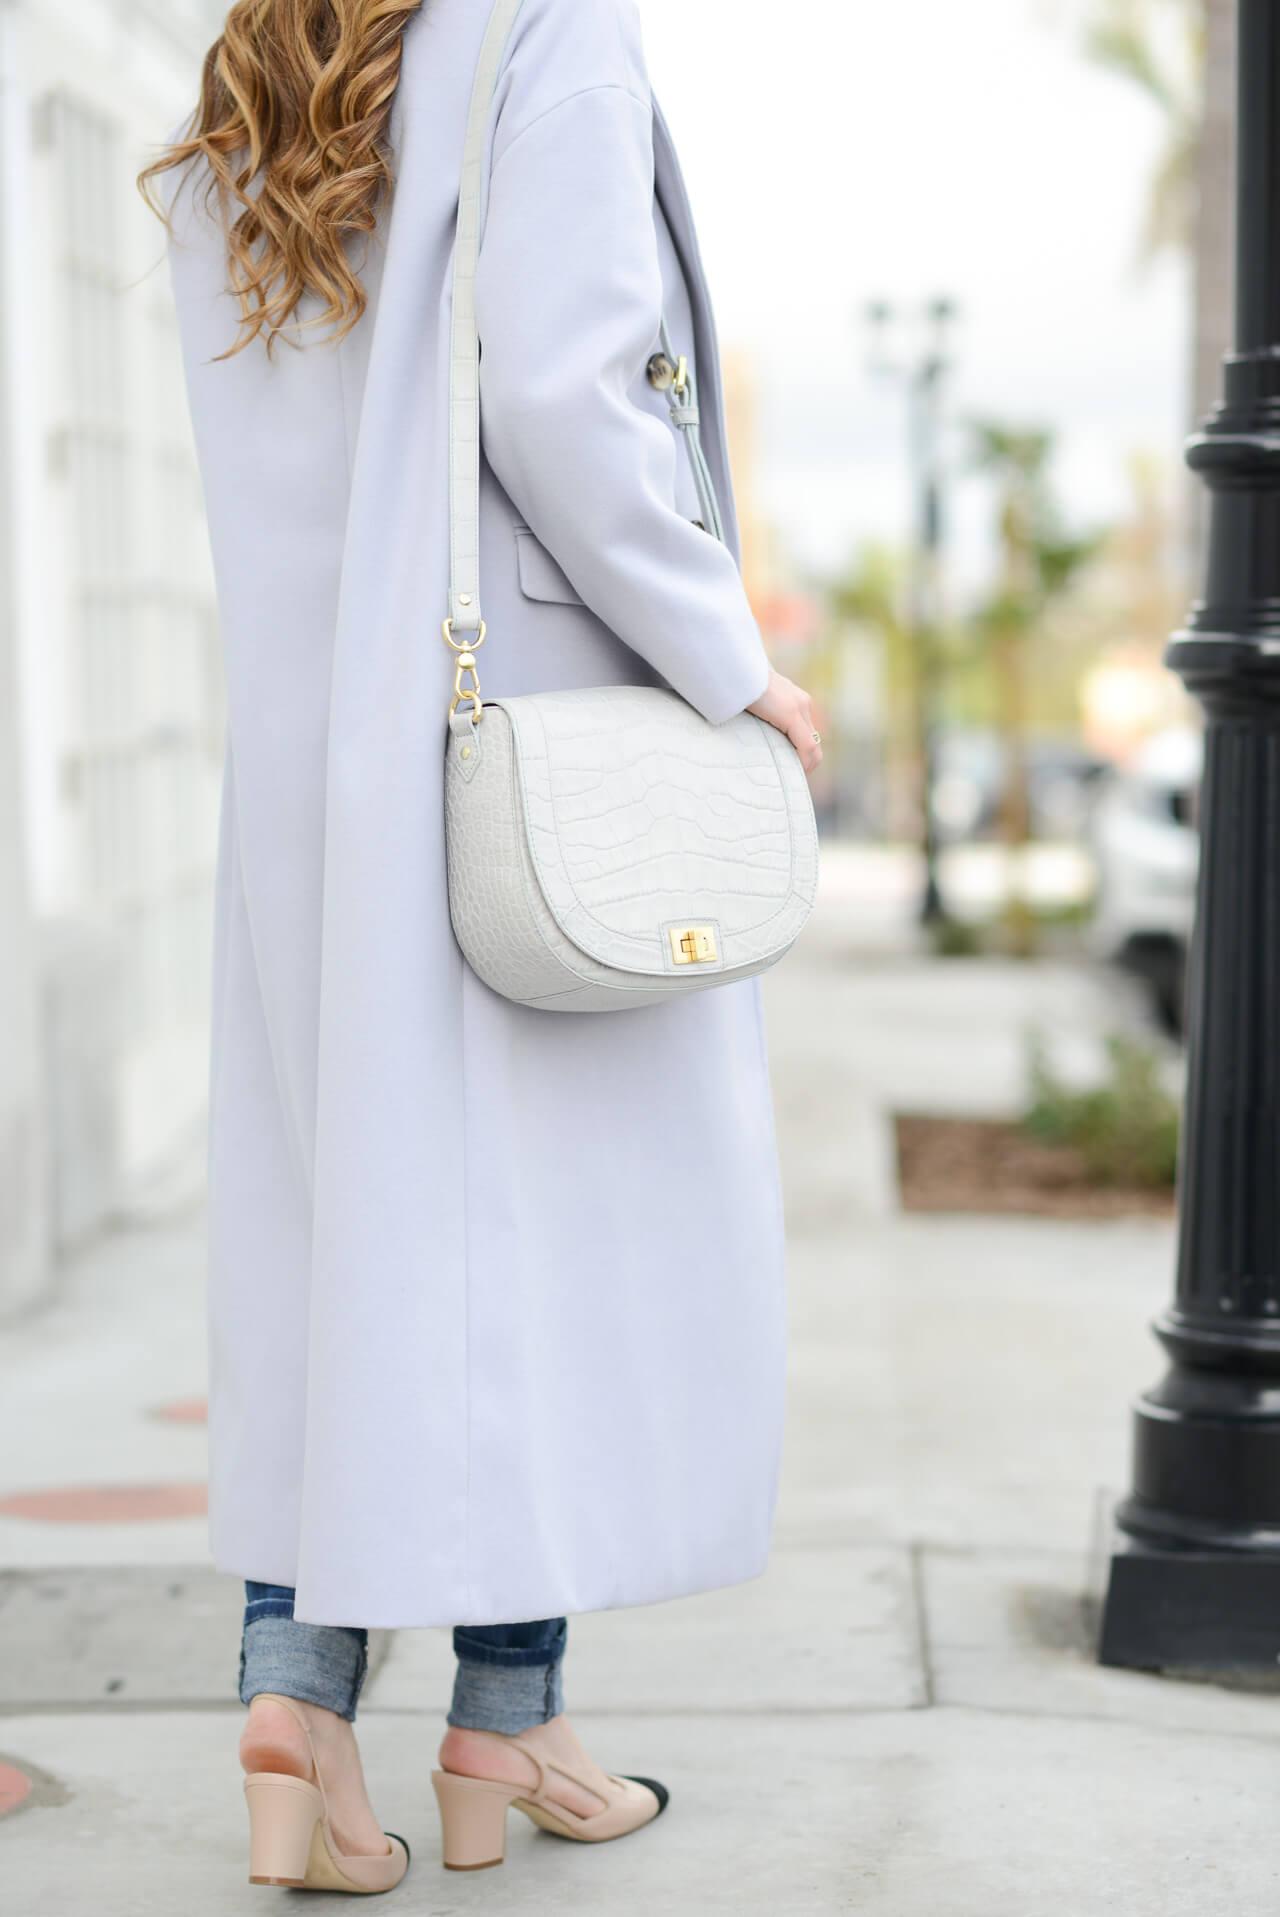 long lavender winter coat with brahmin sonny bag